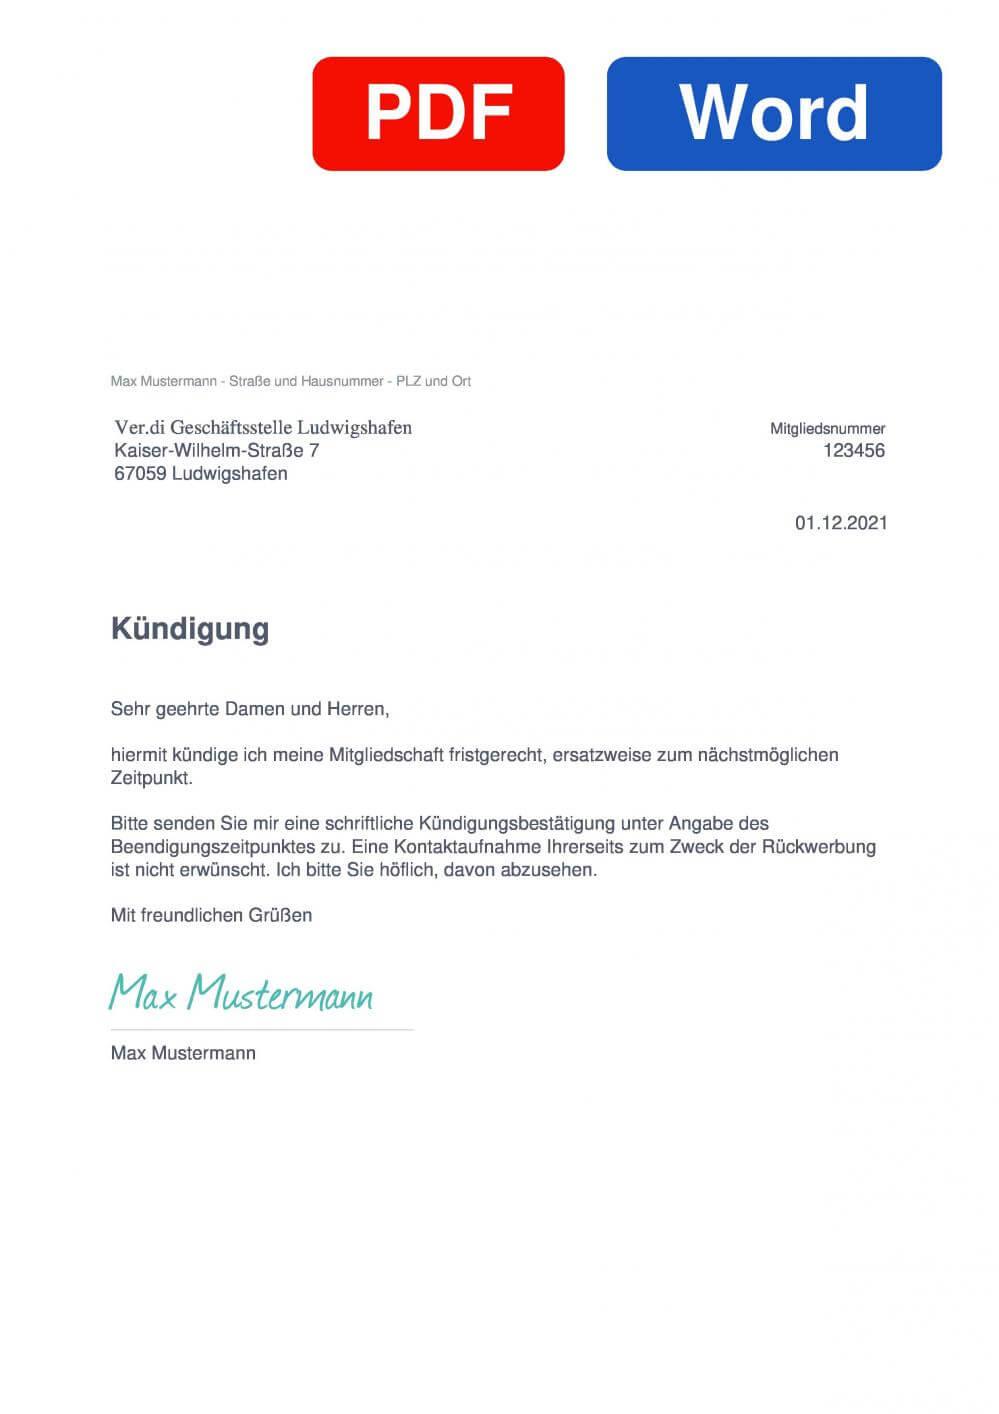 Verdi Ludwigshafen Muster Vorlage für Kündigungsschreiben